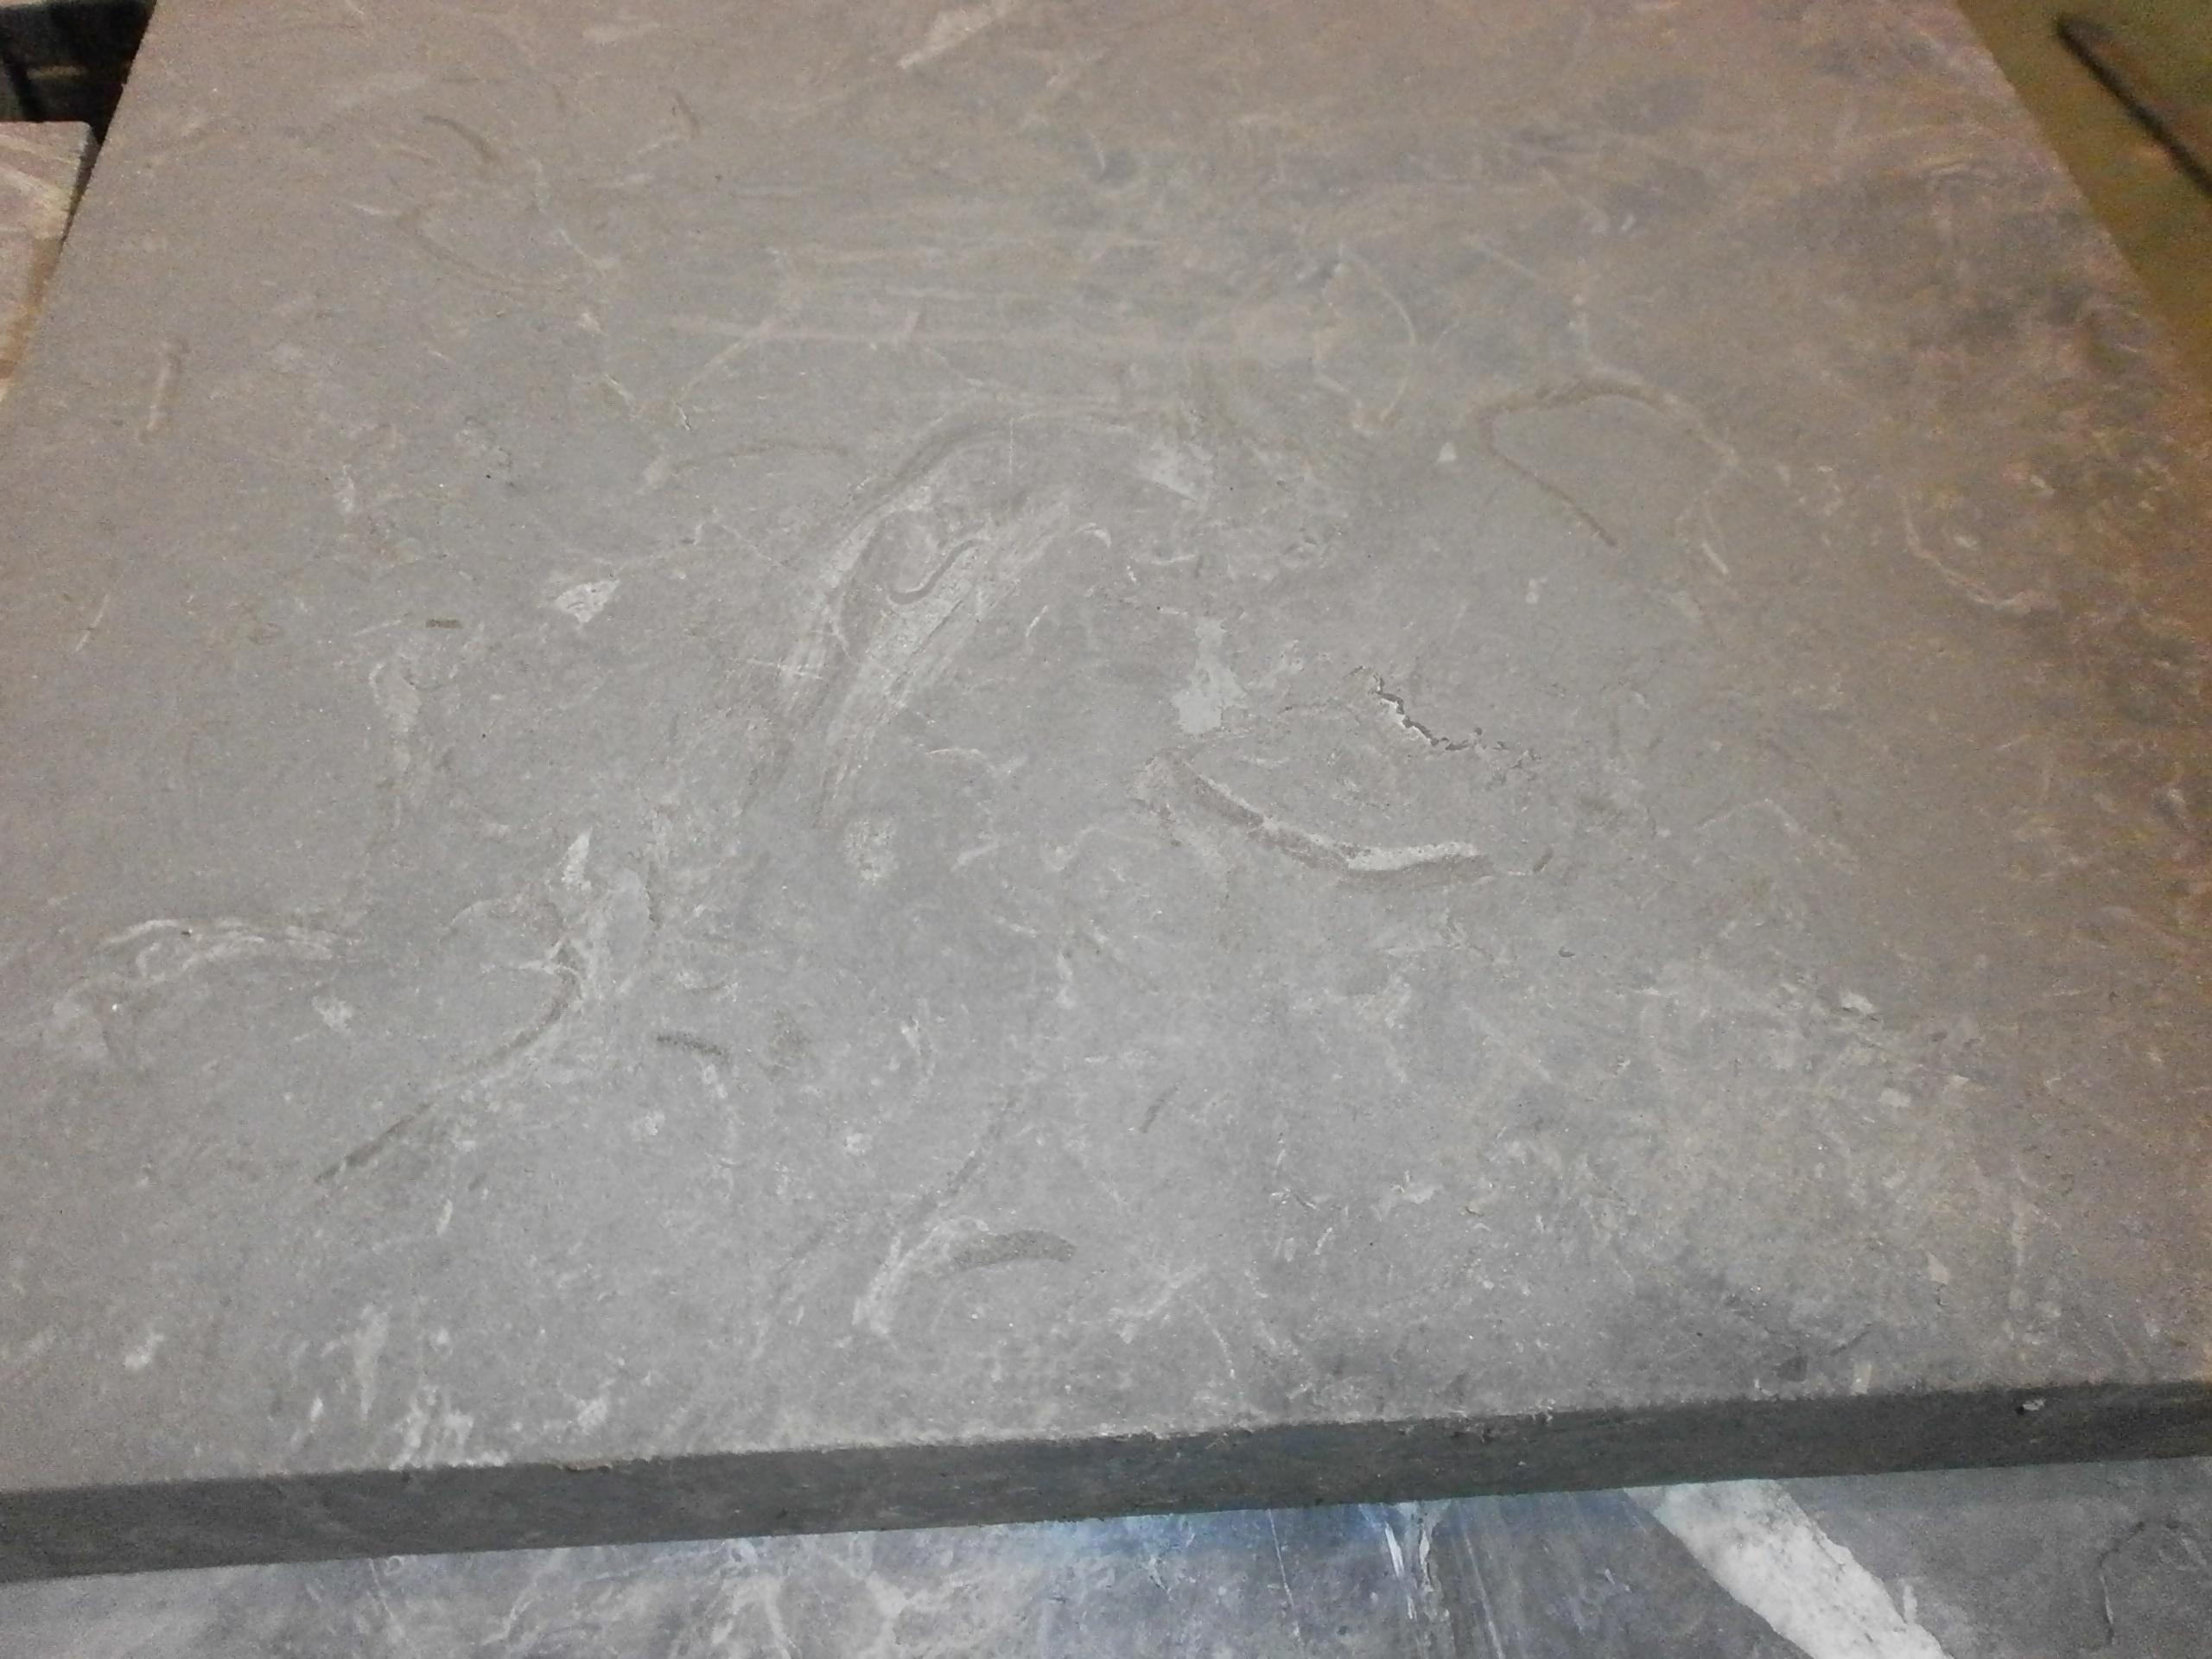 Koloka piedra caliza marquina gris - Piedra caliza precio ...